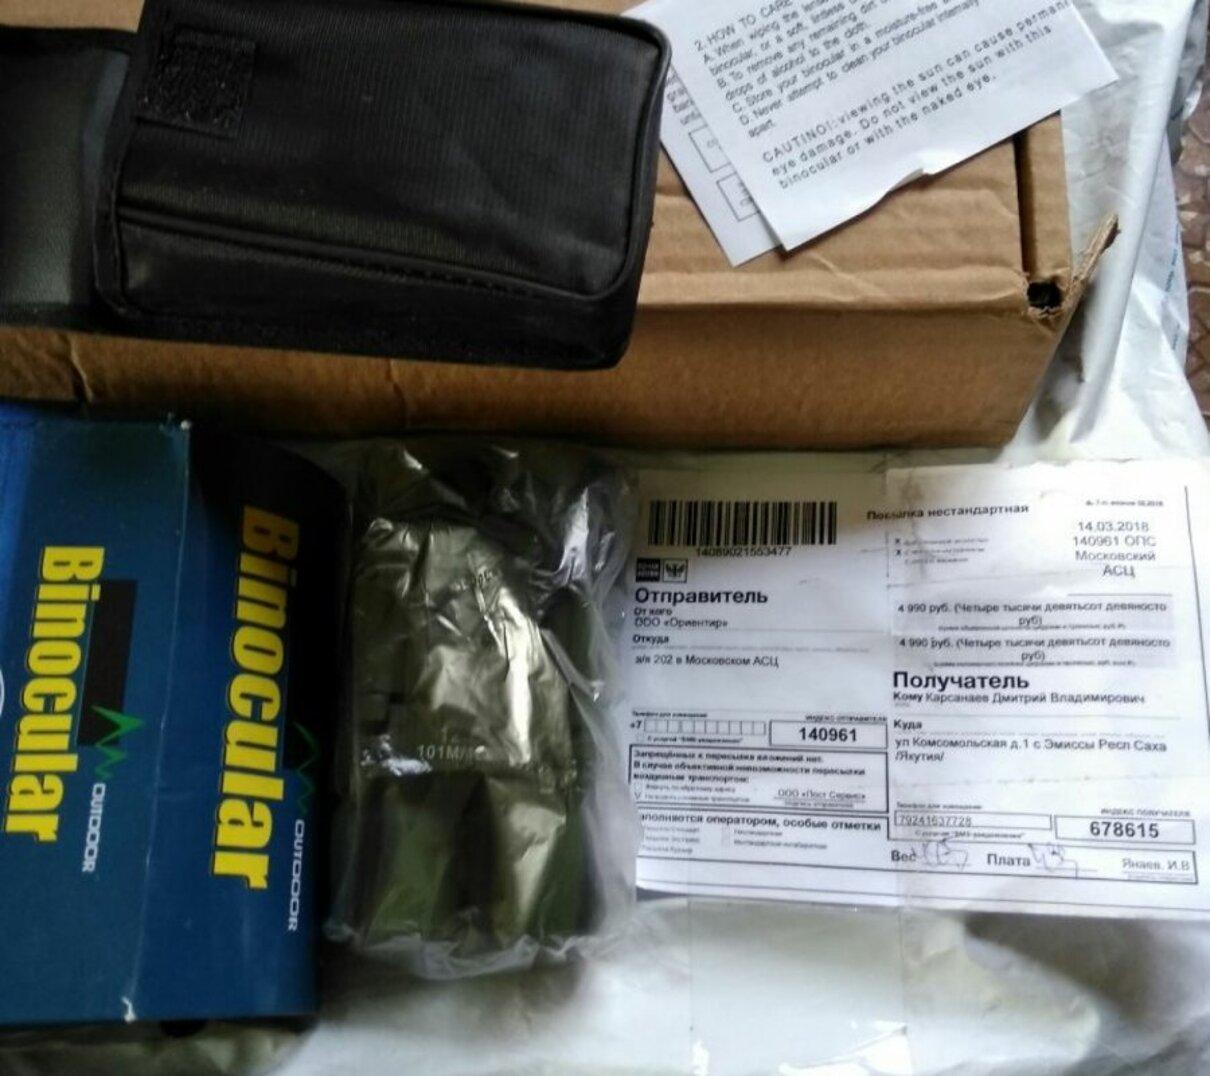 Жалоба-отзыв: ПИМ почта - Обманули отправили не тот товар.  Фото №1